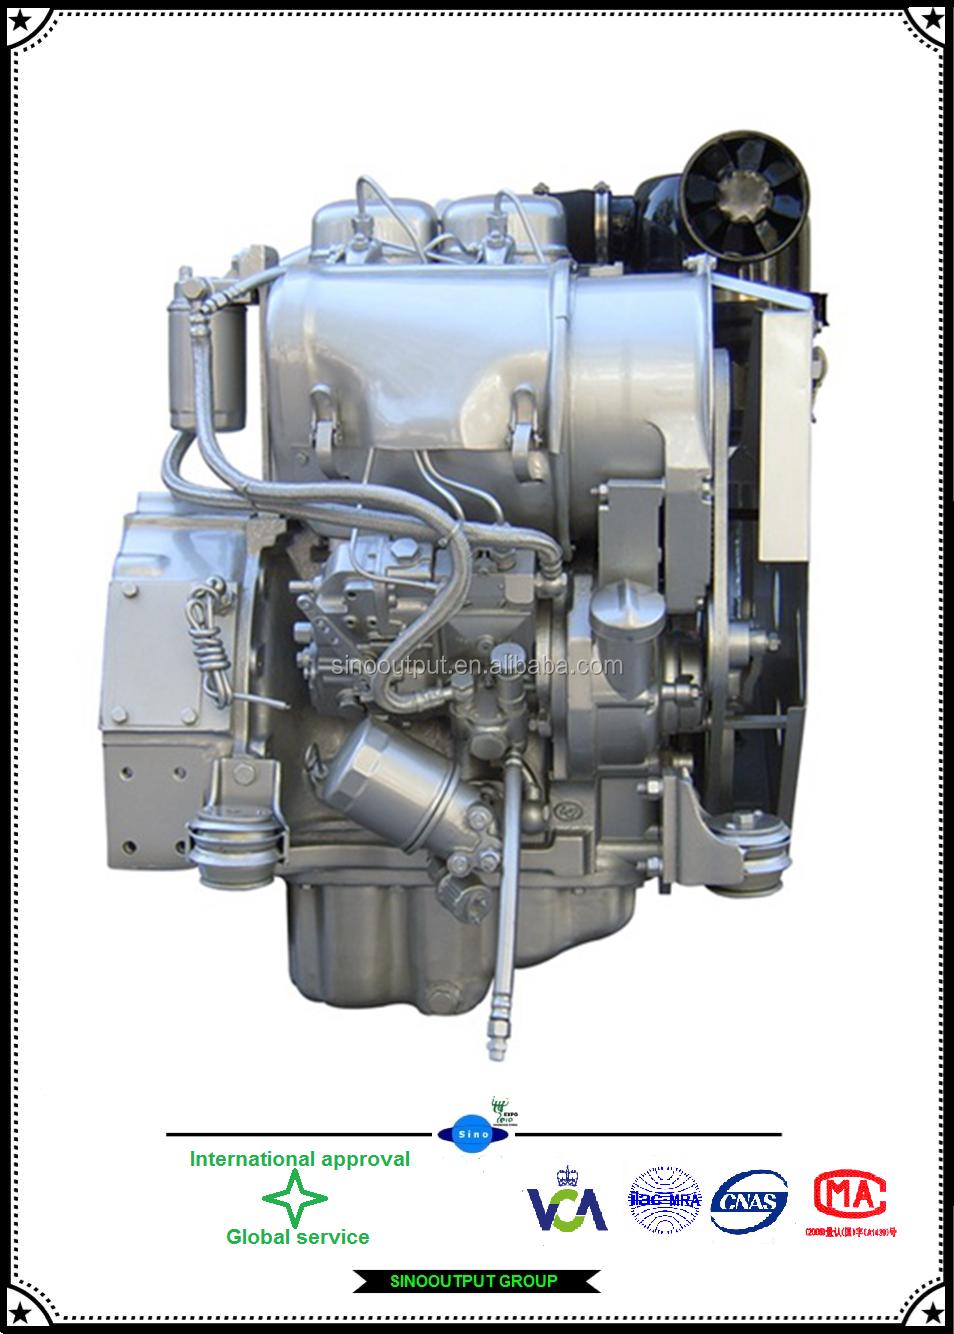 Schematics For Bf6l913c Deutz Engine Wiring Diagrams Dummies 2 Cylinder Diesel Motor F2l912 Constructure Machine Rh Alibaba Com Mercedes Ml500 Schematic Troubleshooting